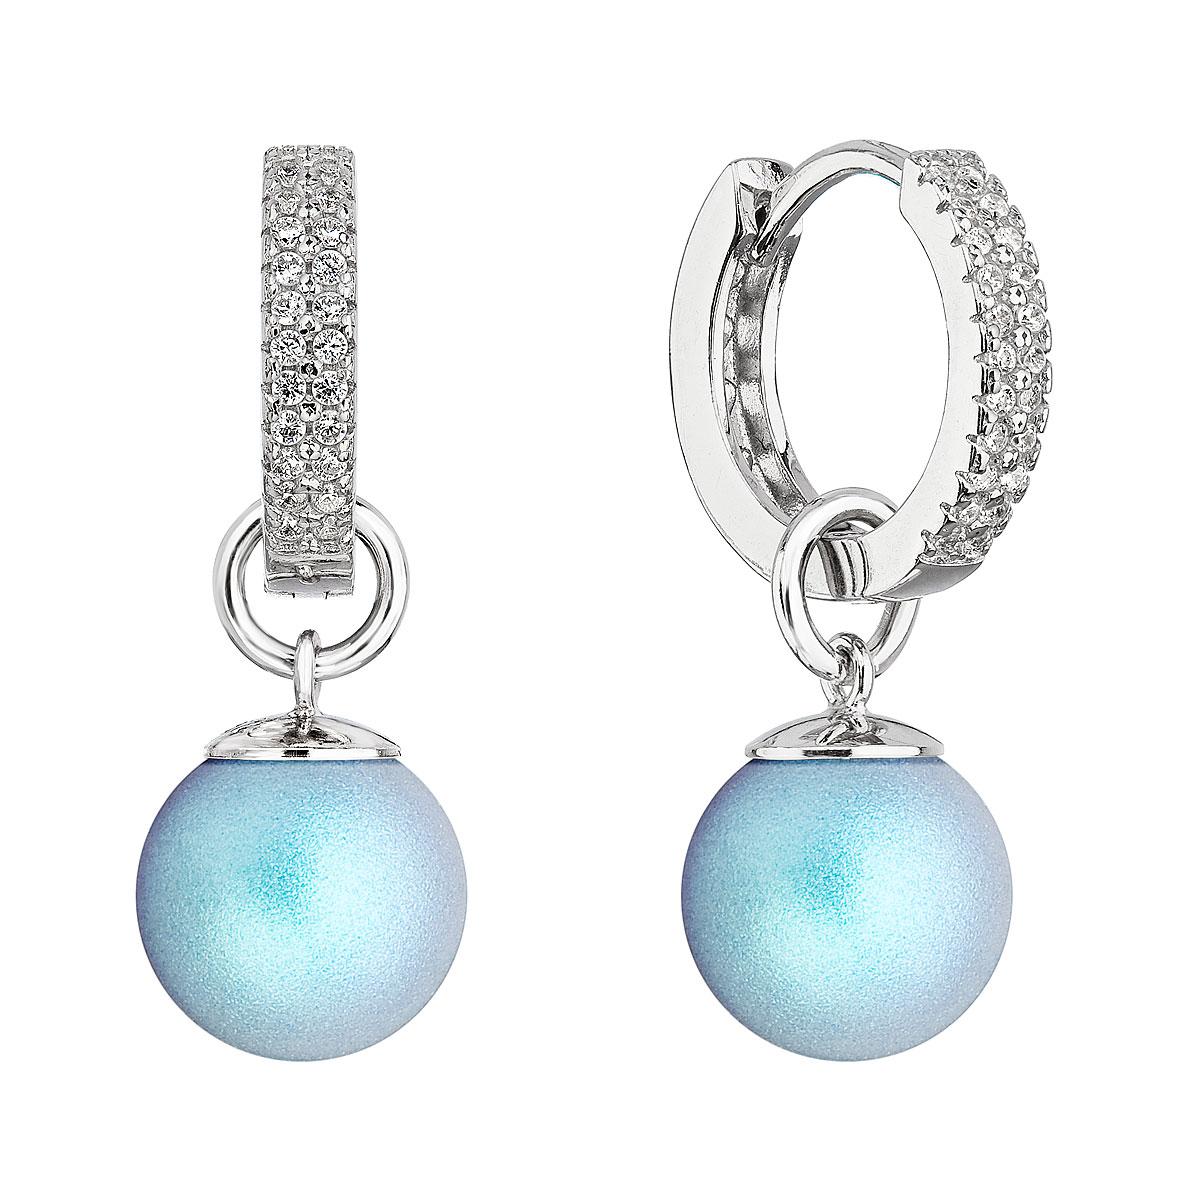 Evolution Group Stříbrné visací náušnice kroužky se světle modrou perlou 31298.3, dárkové balení